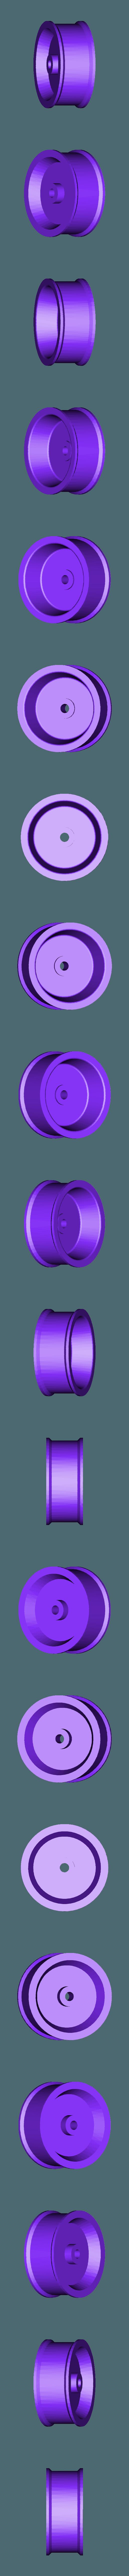 FrontSingleRim.STL Download free STL file Printed truck: Rims • 3D printing template, MrCrankyface